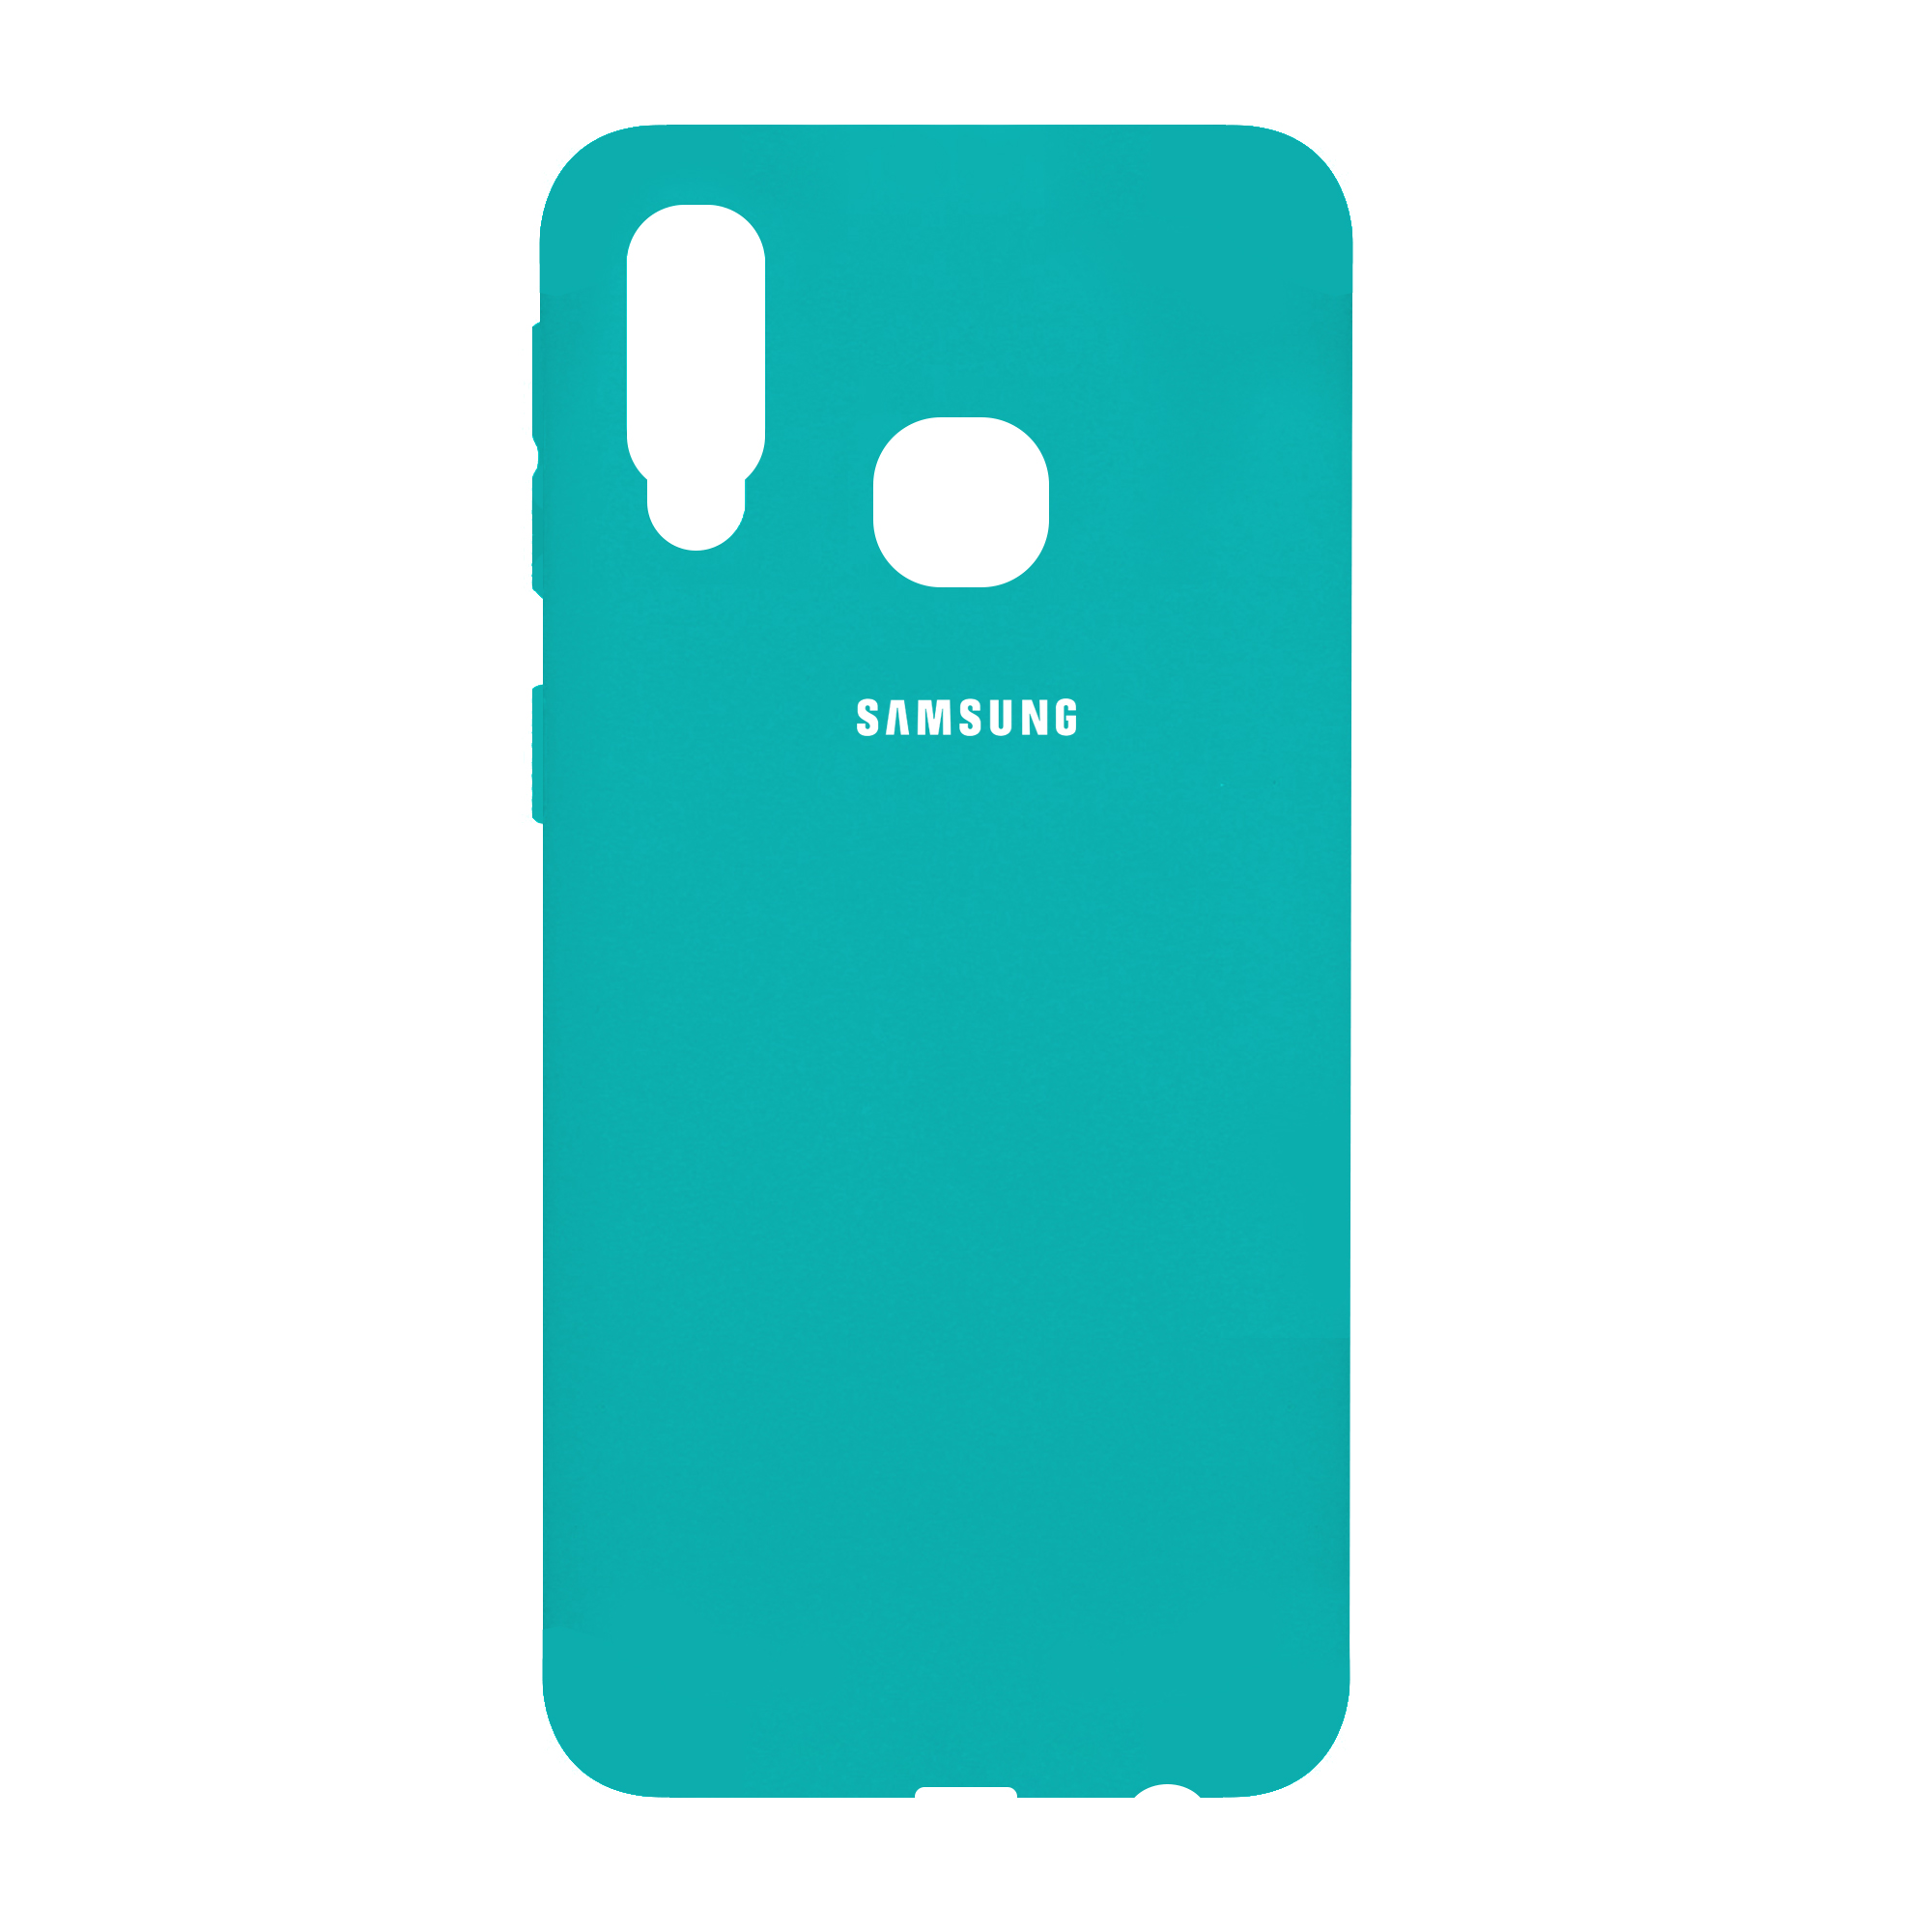 کاور مدل Silc مناسب برای گوشی موبایل سامسونگ Galaxy A10S              ( قیمت و خرید)